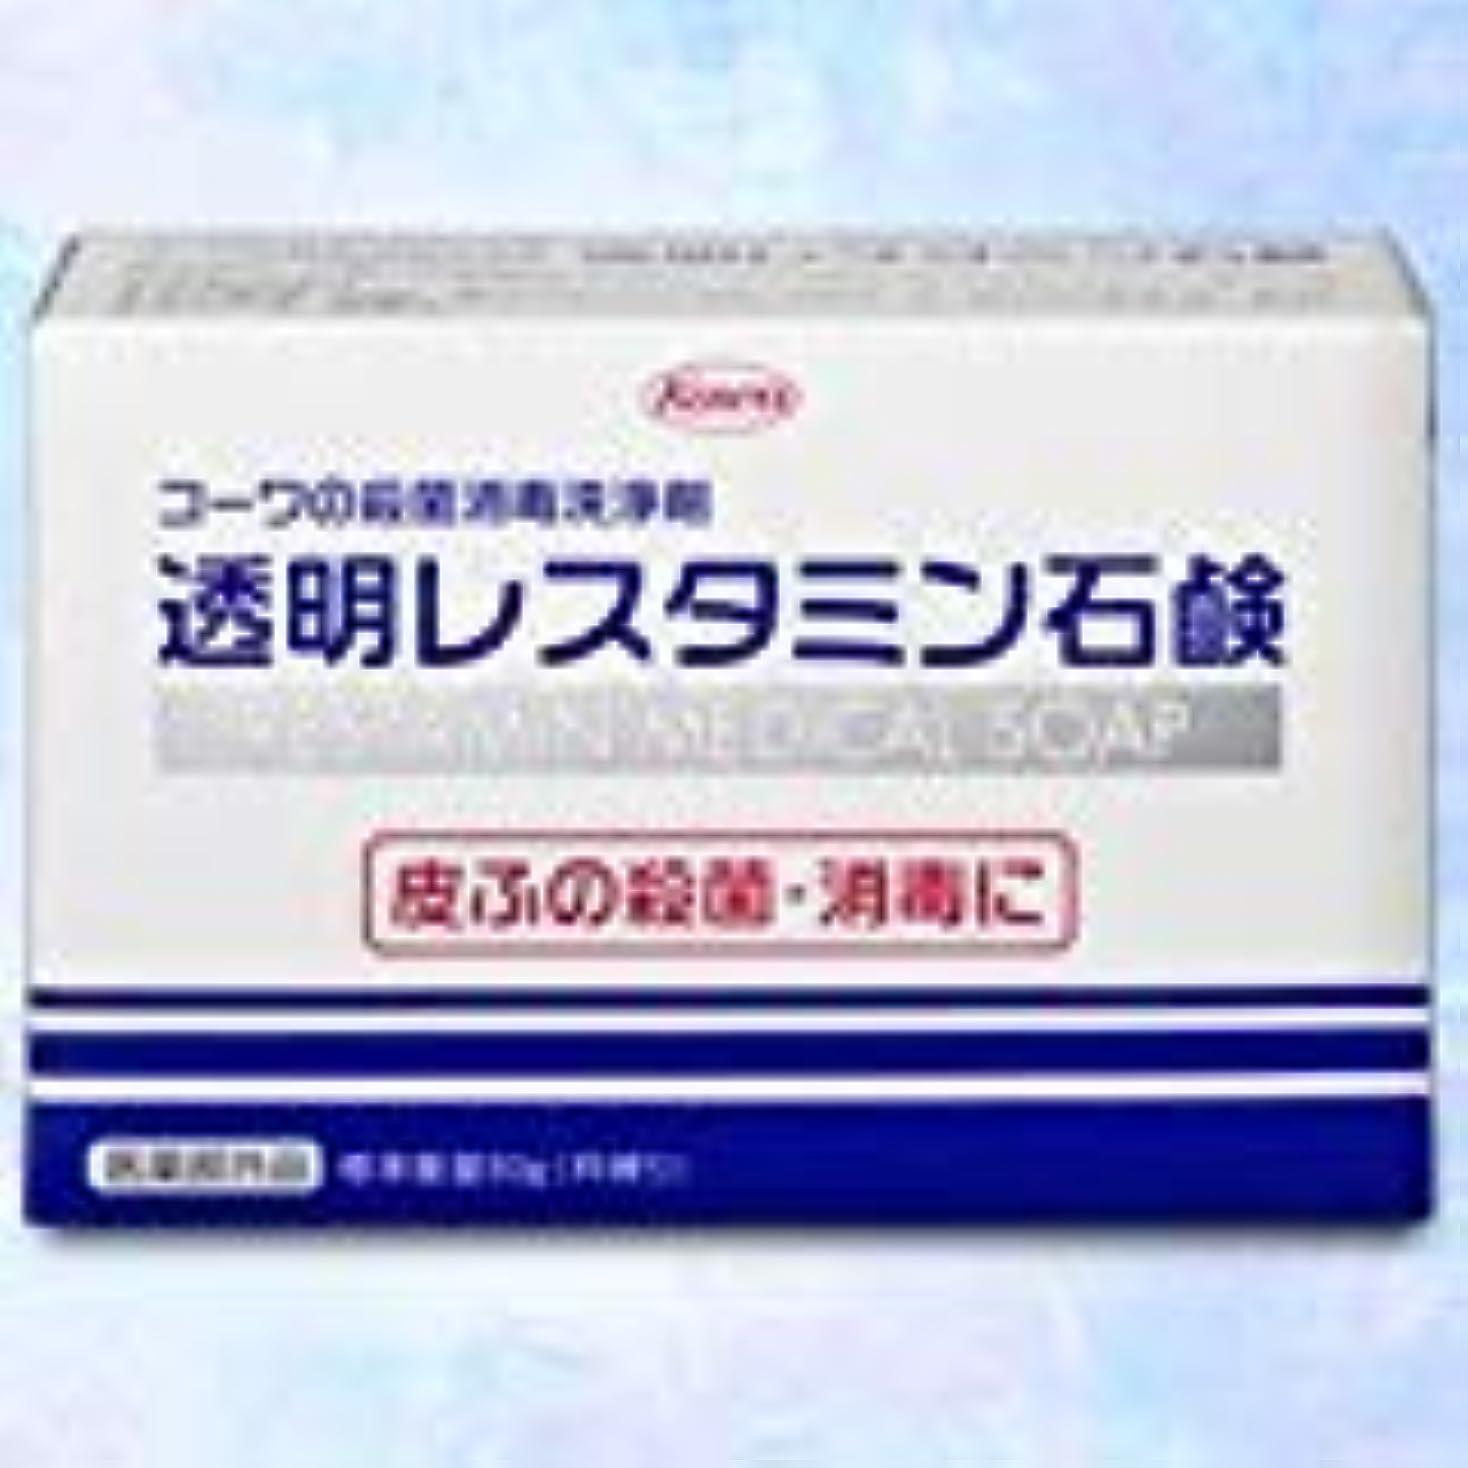 ドラム分配します選択する【興和】コーワの殺菌消毒洗浄剤「透明レスタミン石鹸」80g(医薬部外品) ×3個セット